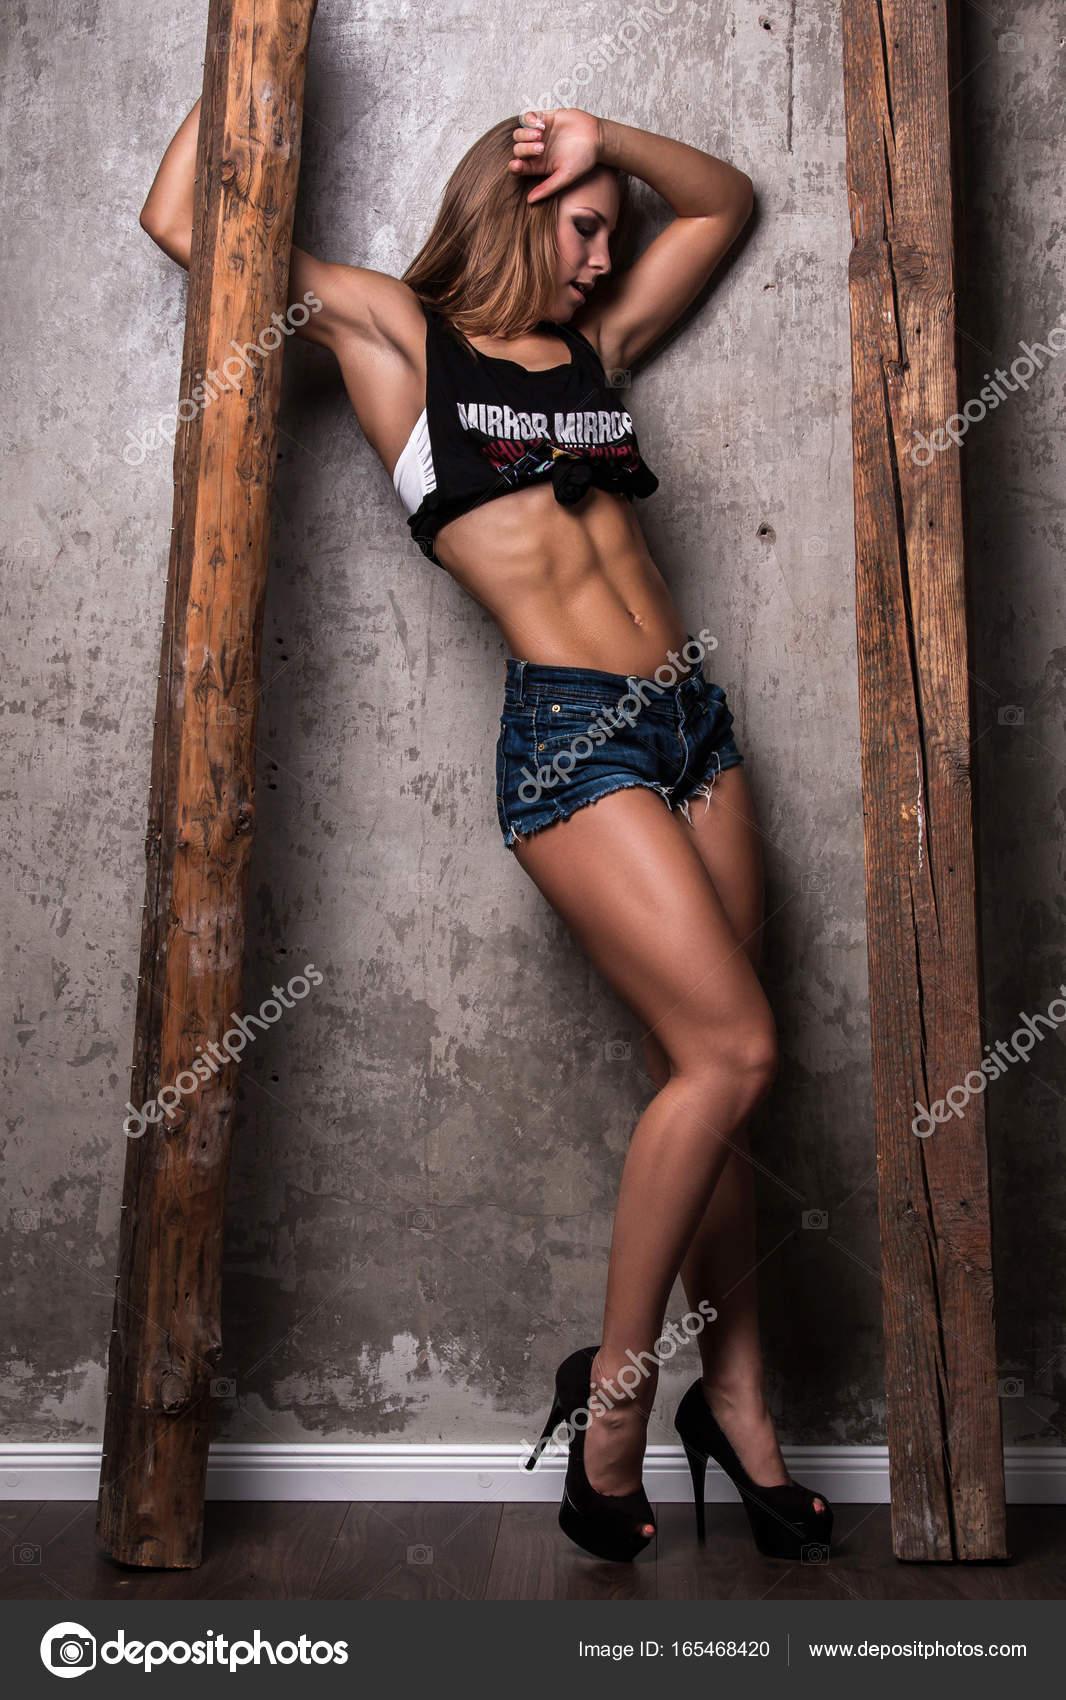 Schmutzige sexy Babes, Vintage Muschi Insertionen